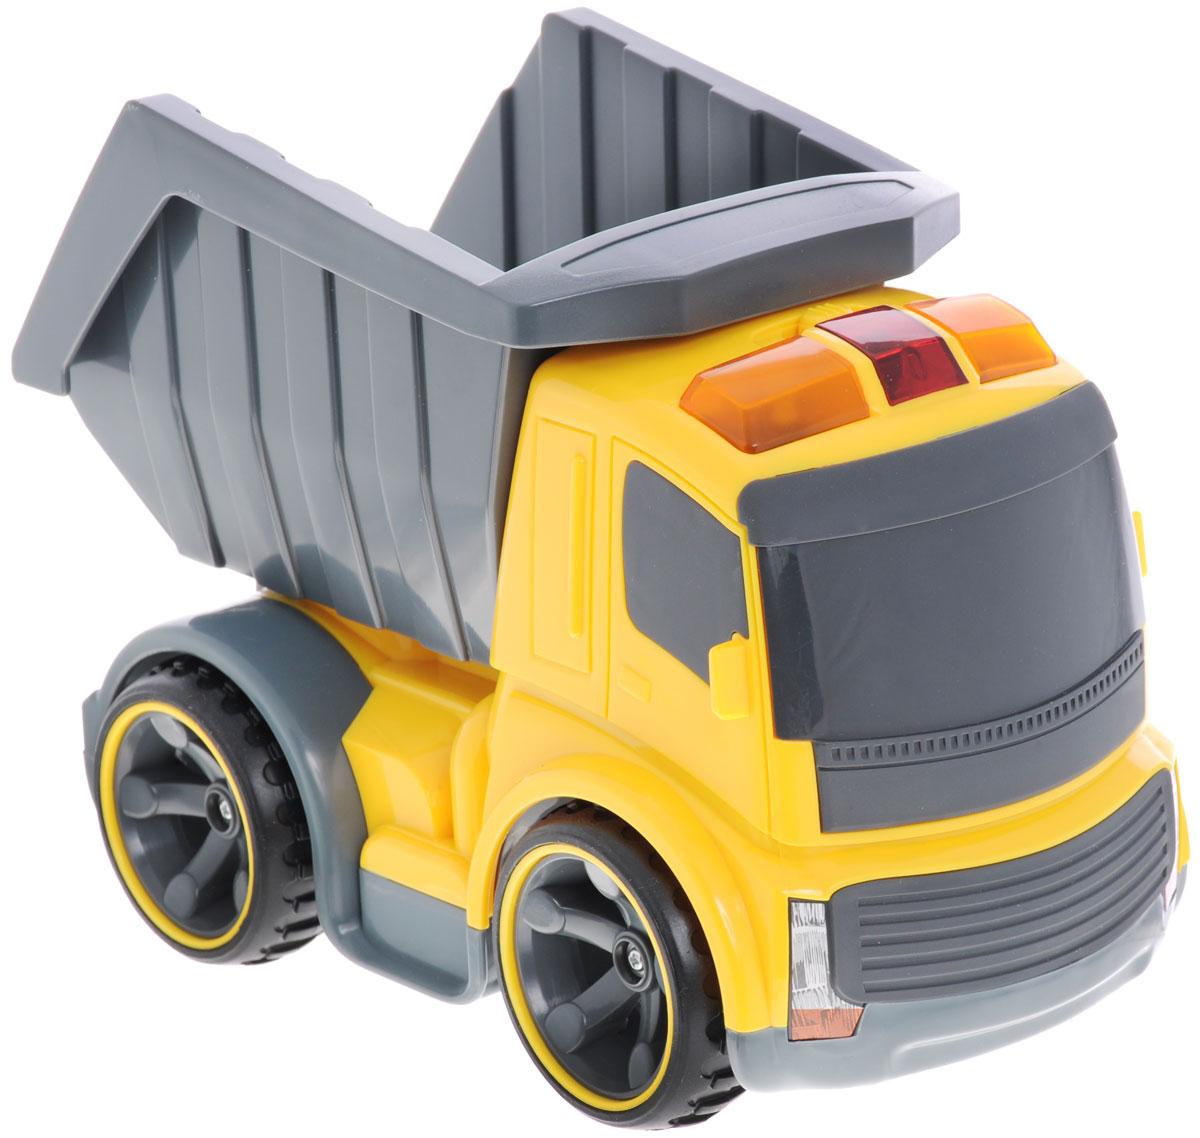 Silverlit Самосвал на инфракрасном управлении81112CСамосвал на инфракрасном управлении Silverlit - это строительный грузовик-самосвал инновационной серии Power in Fun. Полнофункциональное управление - вперед-назад, влево-вправо, пропорциональное точное управление скоростью, реалистичные звуковые эффекты, световые эффекты - горят сигнальные фонари на кабине грузовика. Оригинальный пульт управления - в виде рации. И еще одна особенность - с одного пульта можно управлять различными строительными машинами серии Power in Fun: кроме грузовика, еще бульдозером или тягачом. У самосвала поднимается и опускается кузов (вручную). На пульте управления: кнопки управления звуковыми эффектами - мотор и сигнал, световыми эффектами - сигнальные огни на кабине, рычажки управления движением транспортного средства, переключатель выбора управляемого транспортного средства. Порадуйте своего малыша таким замечательным подарком! Для работы игрушки необходимы 3 батарейки типа АА (не входят в комплект). Для работы пульта управления...